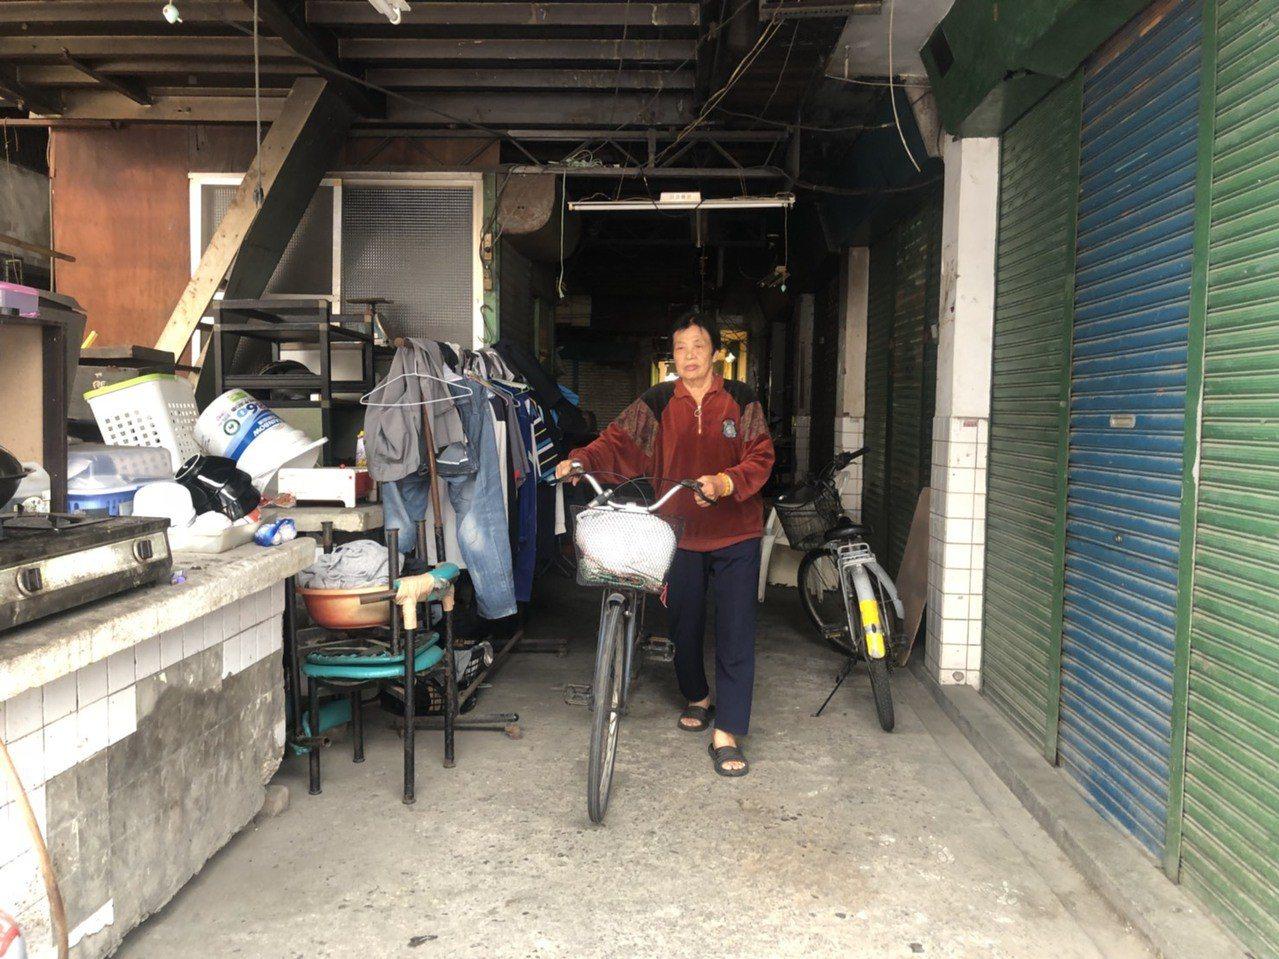 改造計畫邁入第4年,嘉義市「鳳梨會社」從髒亂變明亮,未來也可望吸引年輕族群進駐,...